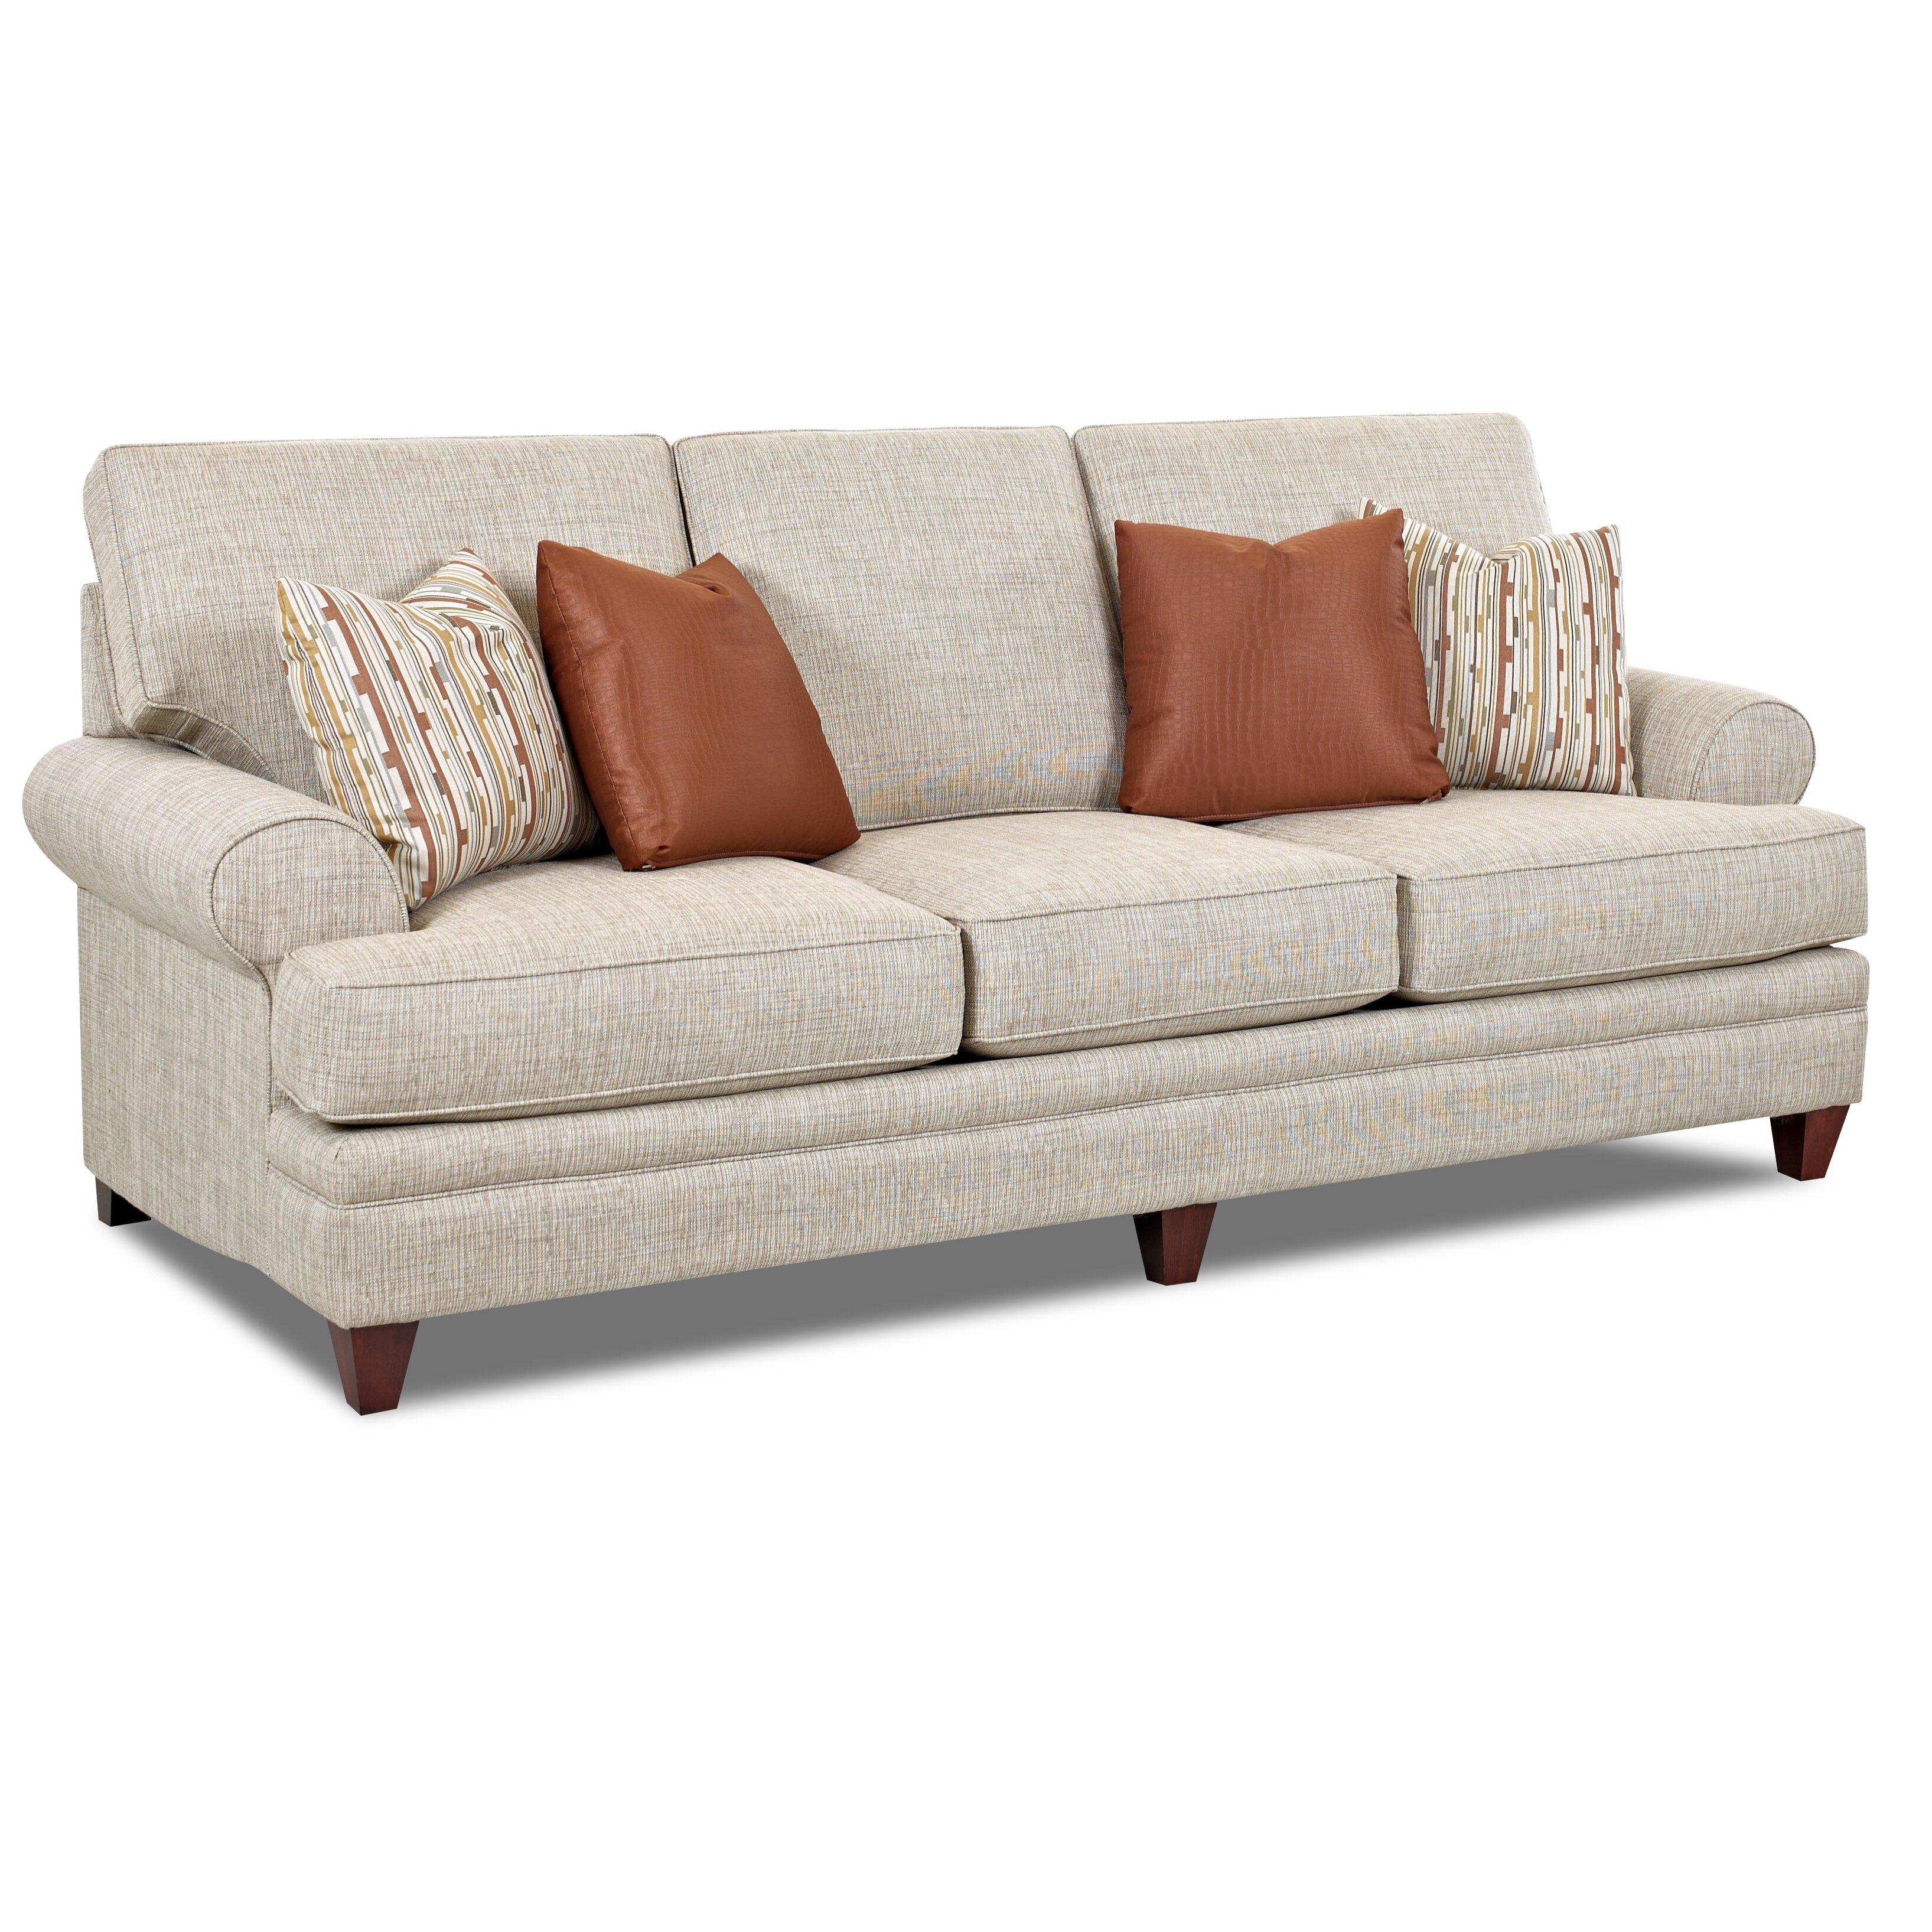 Klaussner furniture clayton sofa wayfair for Klaussner sofa